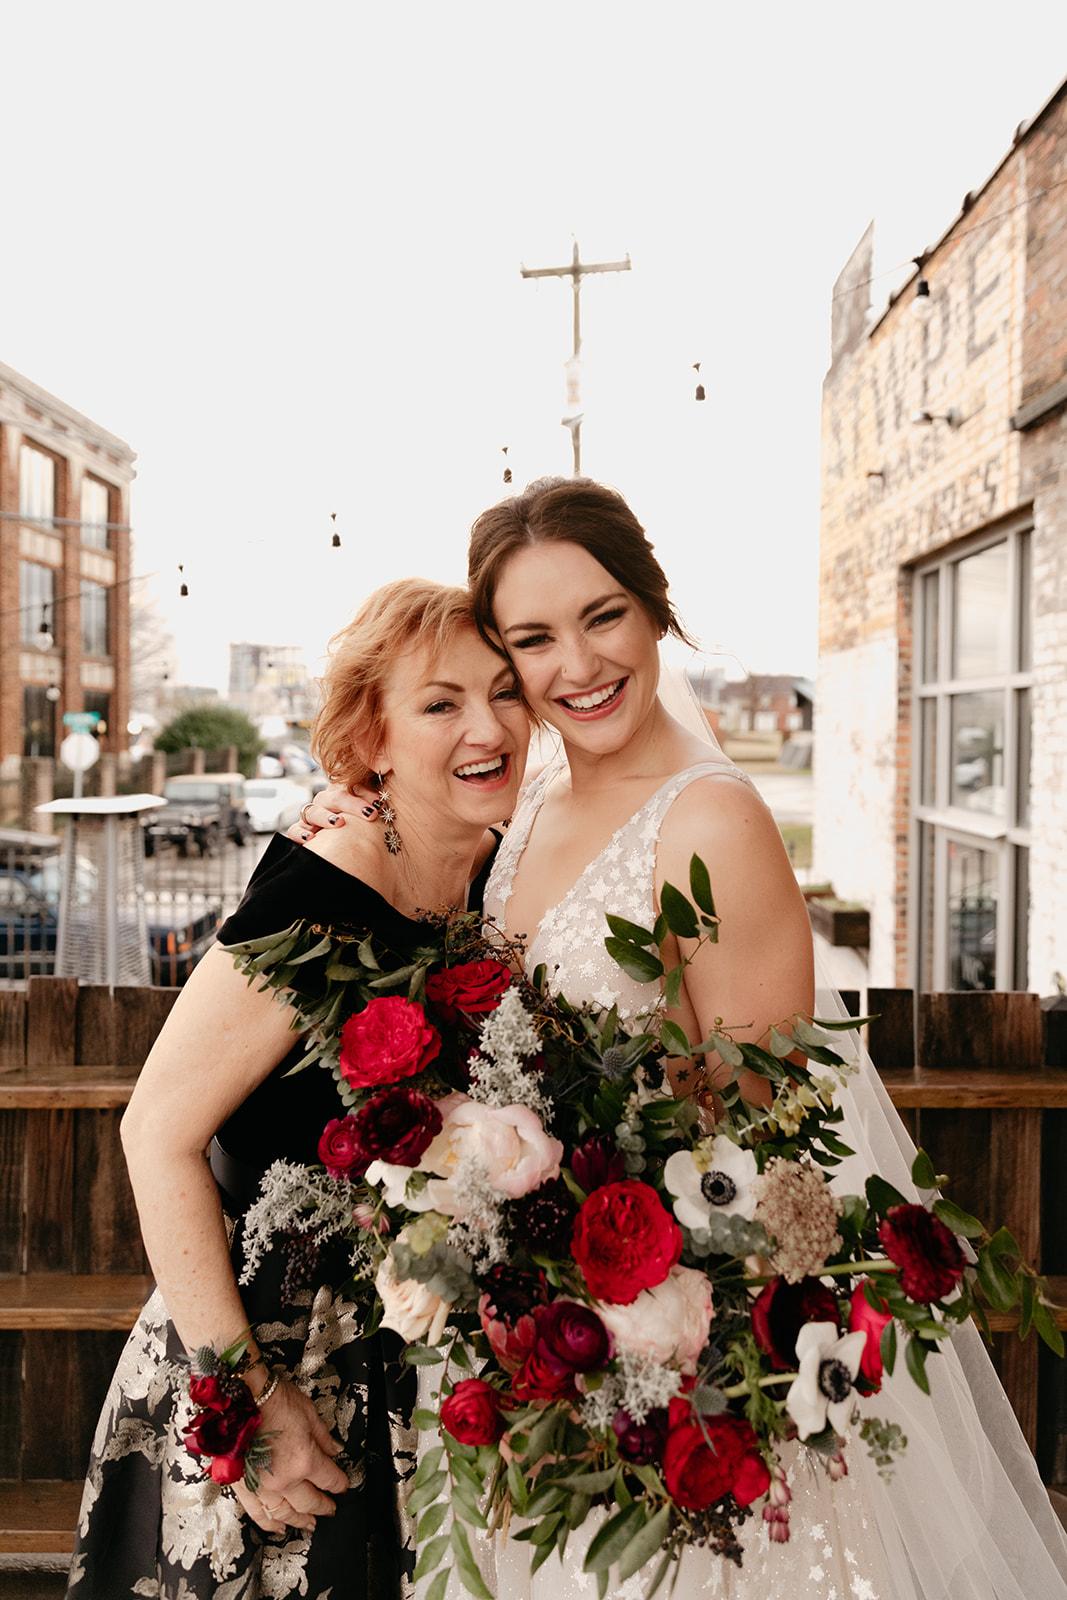 Sweet mother of the bride! Nashville Wedding Floral Design.